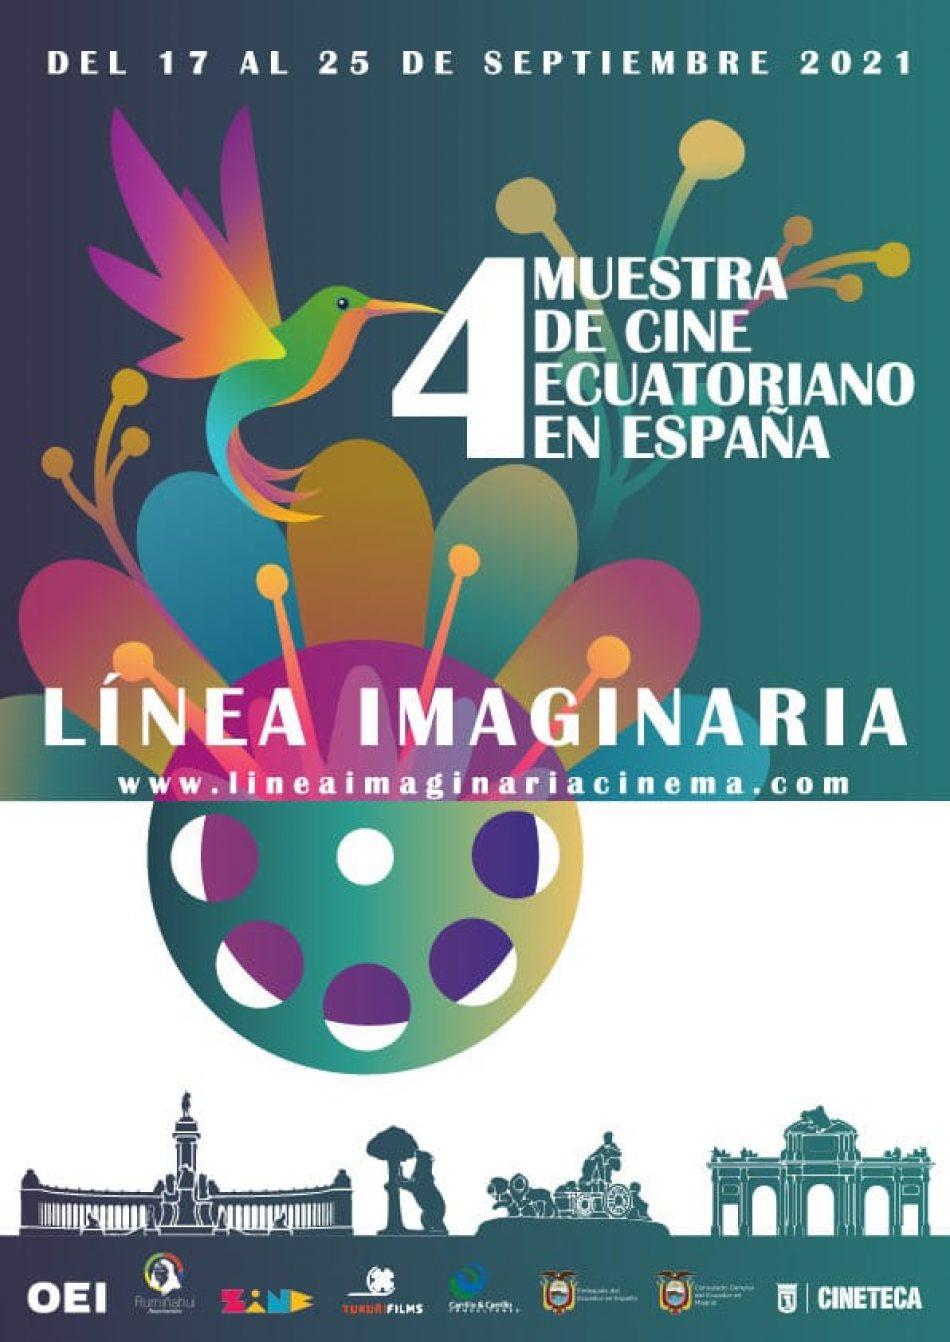 """Muestra de Cine Ecuatoriano """"Línea imaginaria"""" celebra su cuarta edición con ficción, animación y documentales"""